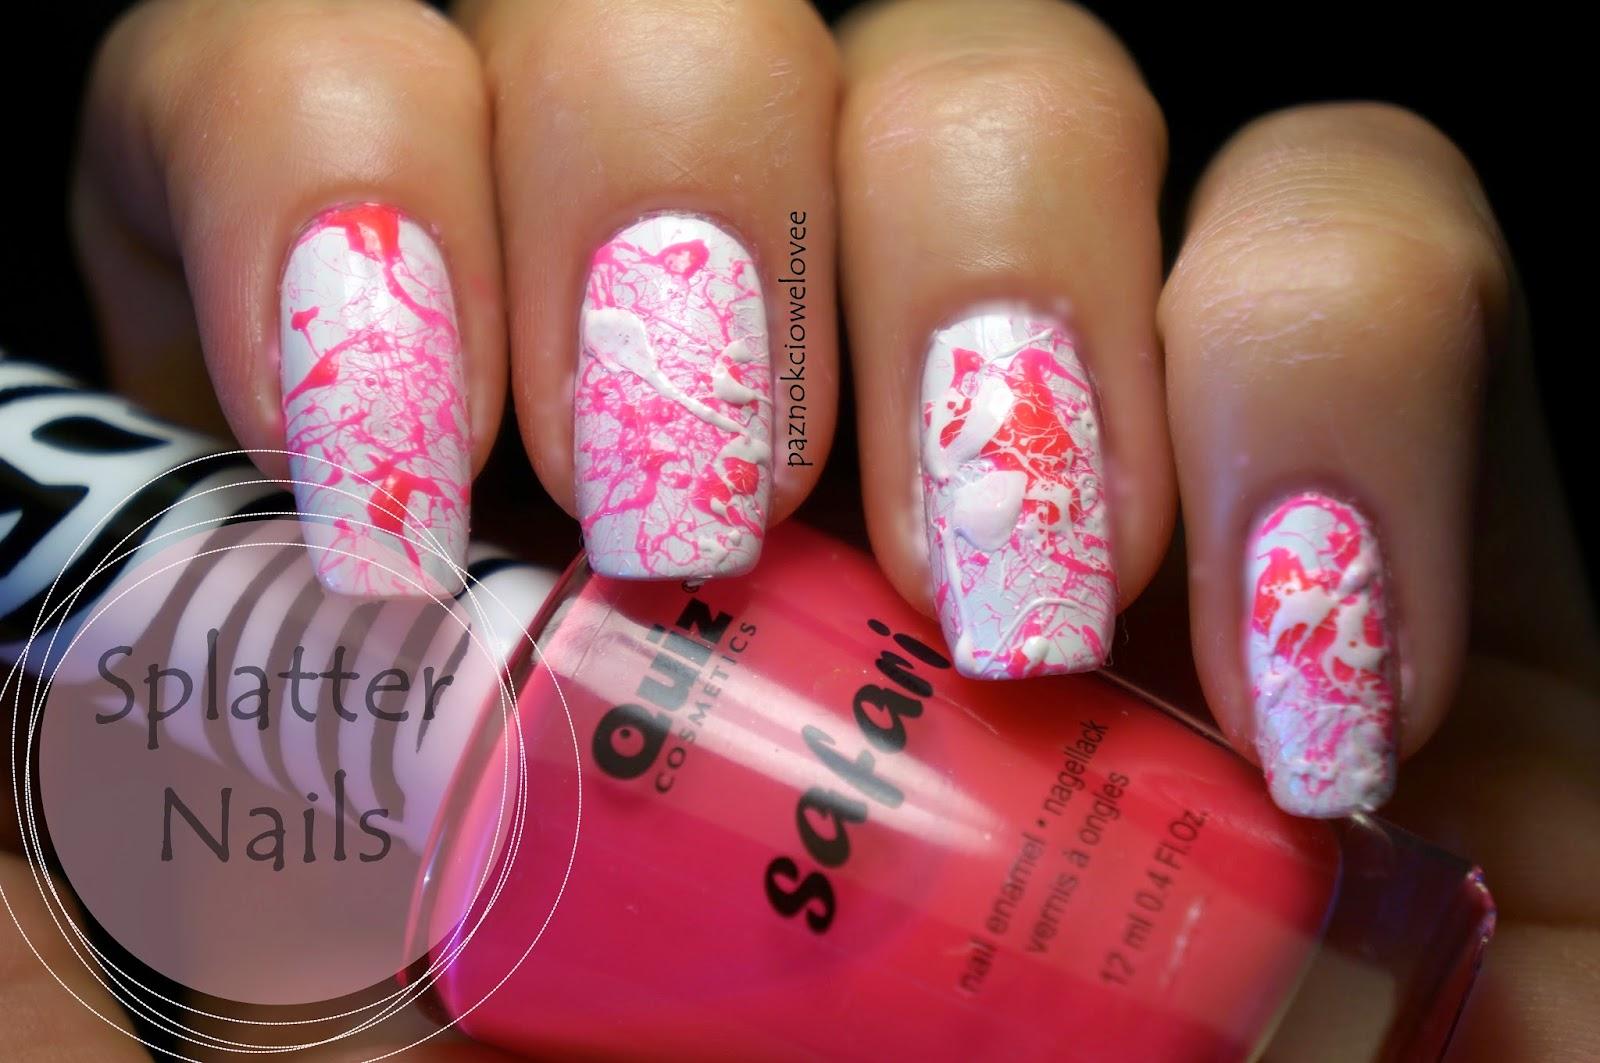 Splatter nails, czyli jednak nie lubie pluć na paznokcie!